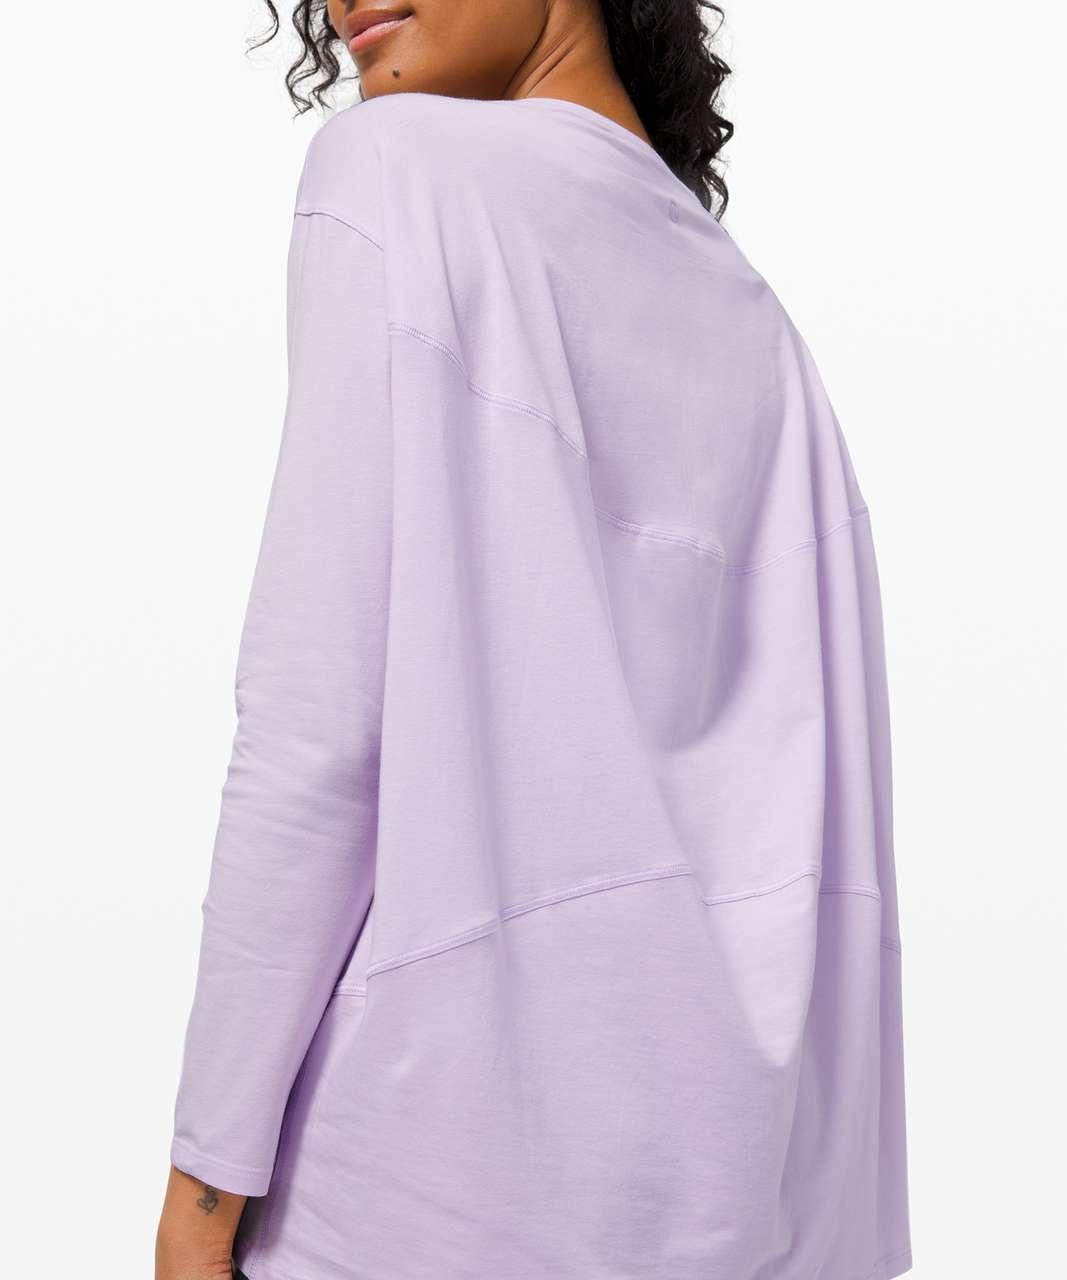 Lululemon Back In Action Long Sleeve - Lavender Dew